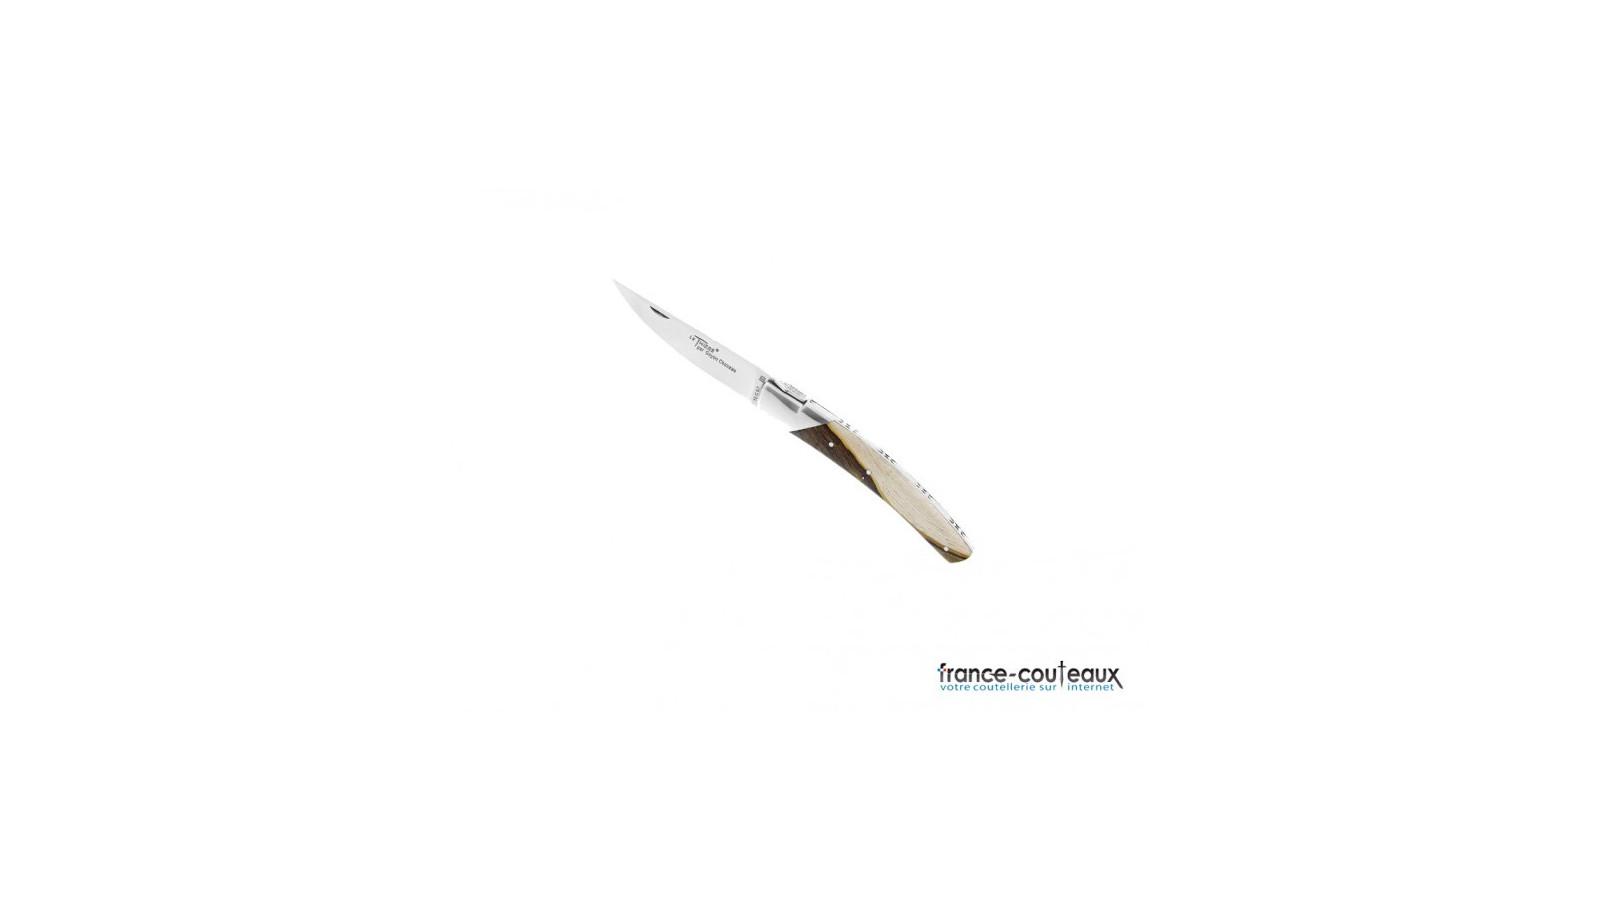 Couteau pliant Cimes avec tire-bouchon style Laguiole